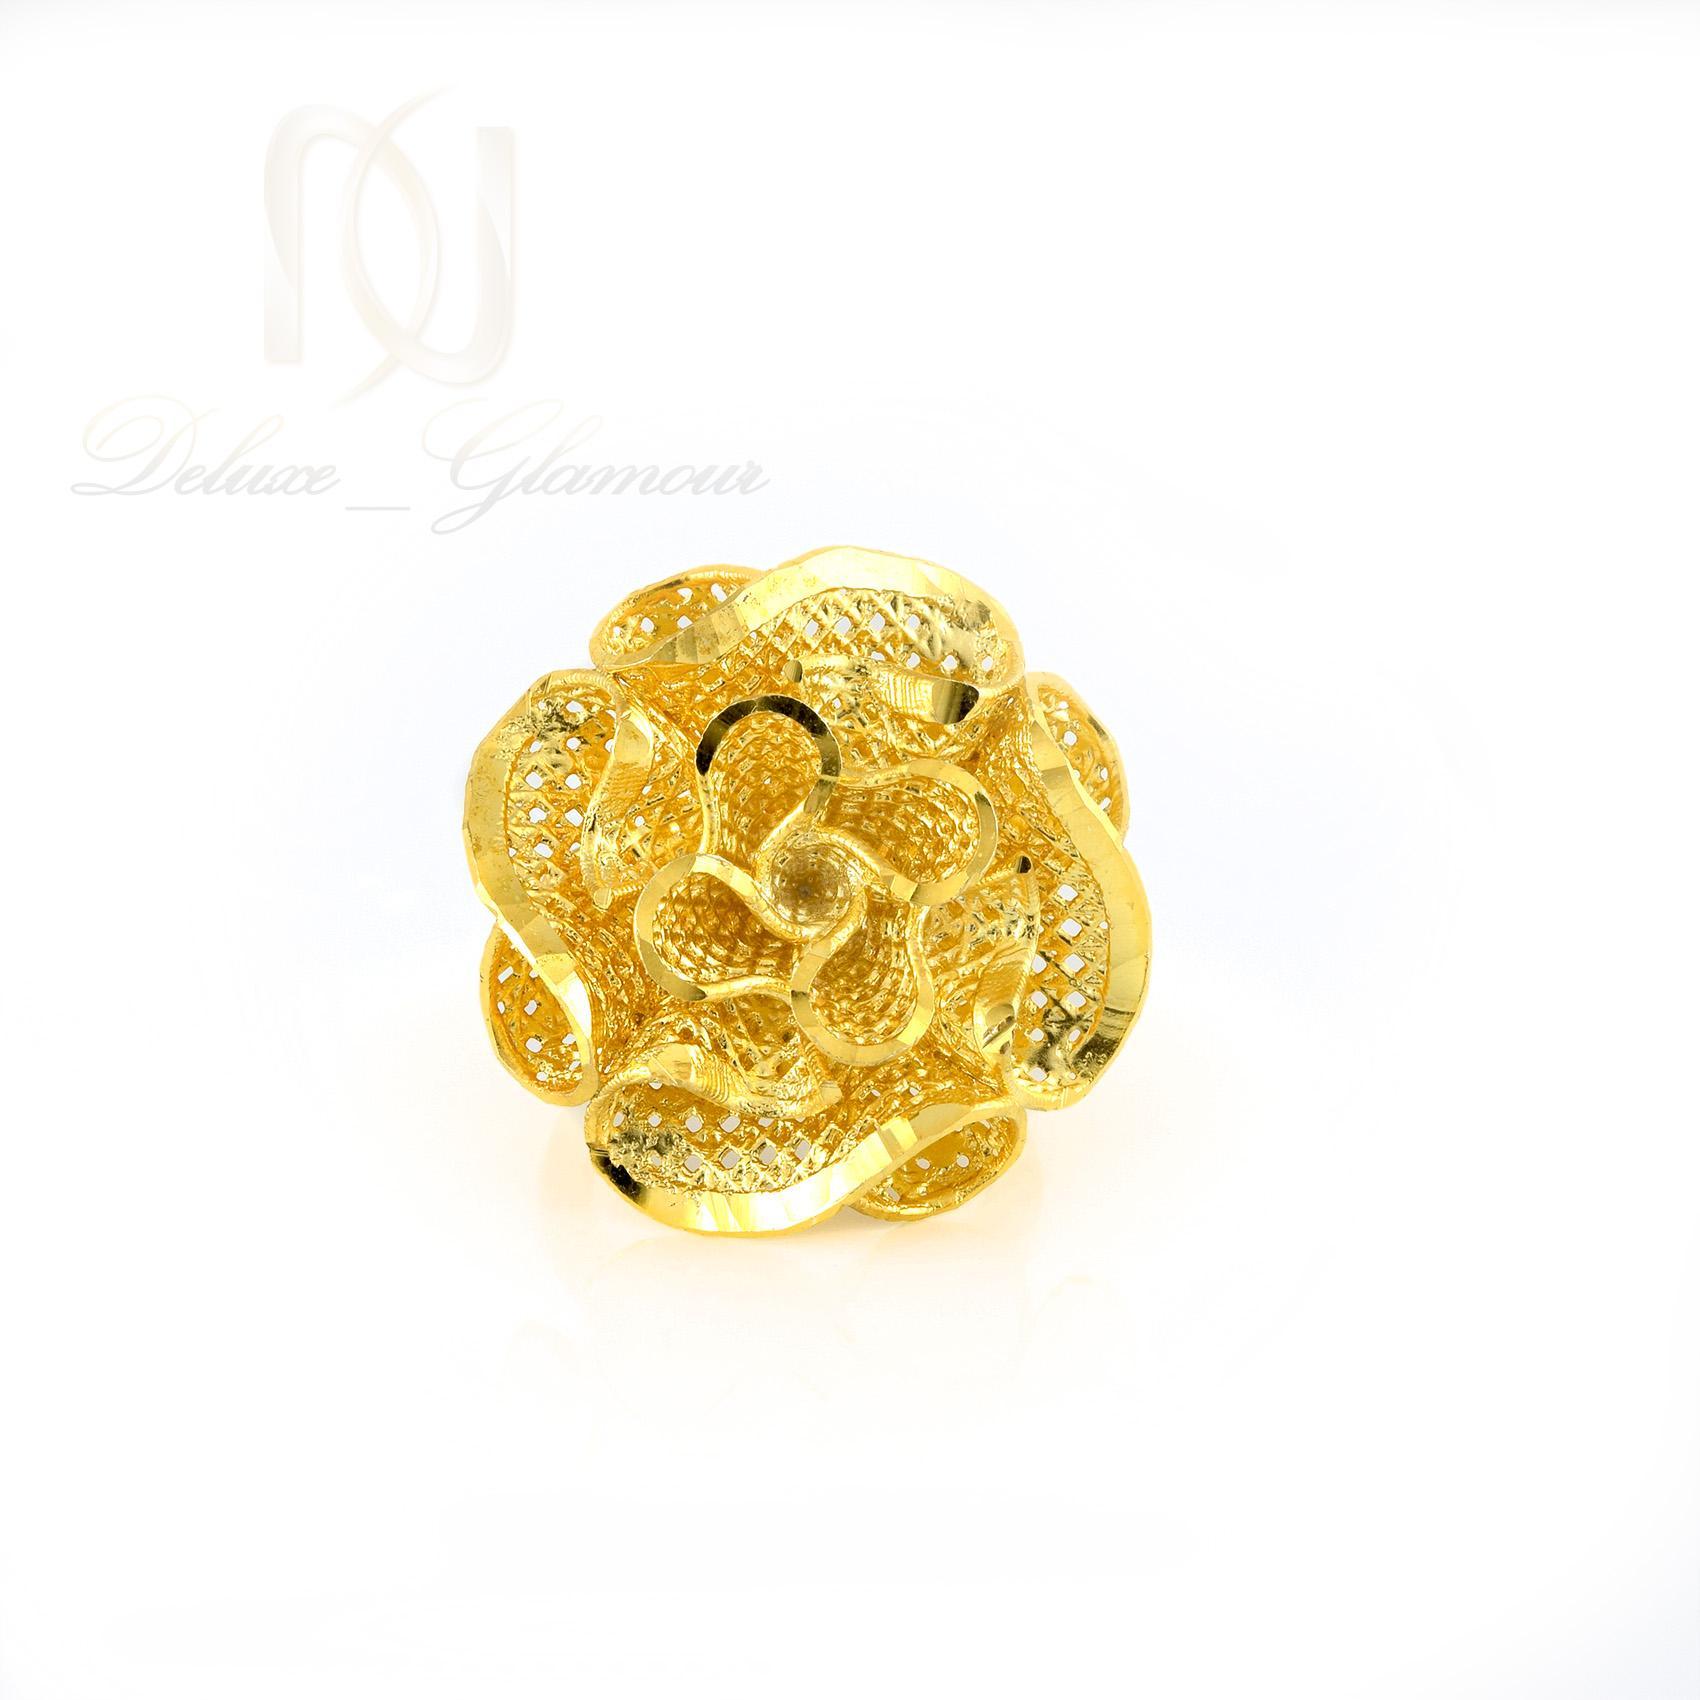 انگشتر نقره زنانه طرح طلاي گل RG-N327